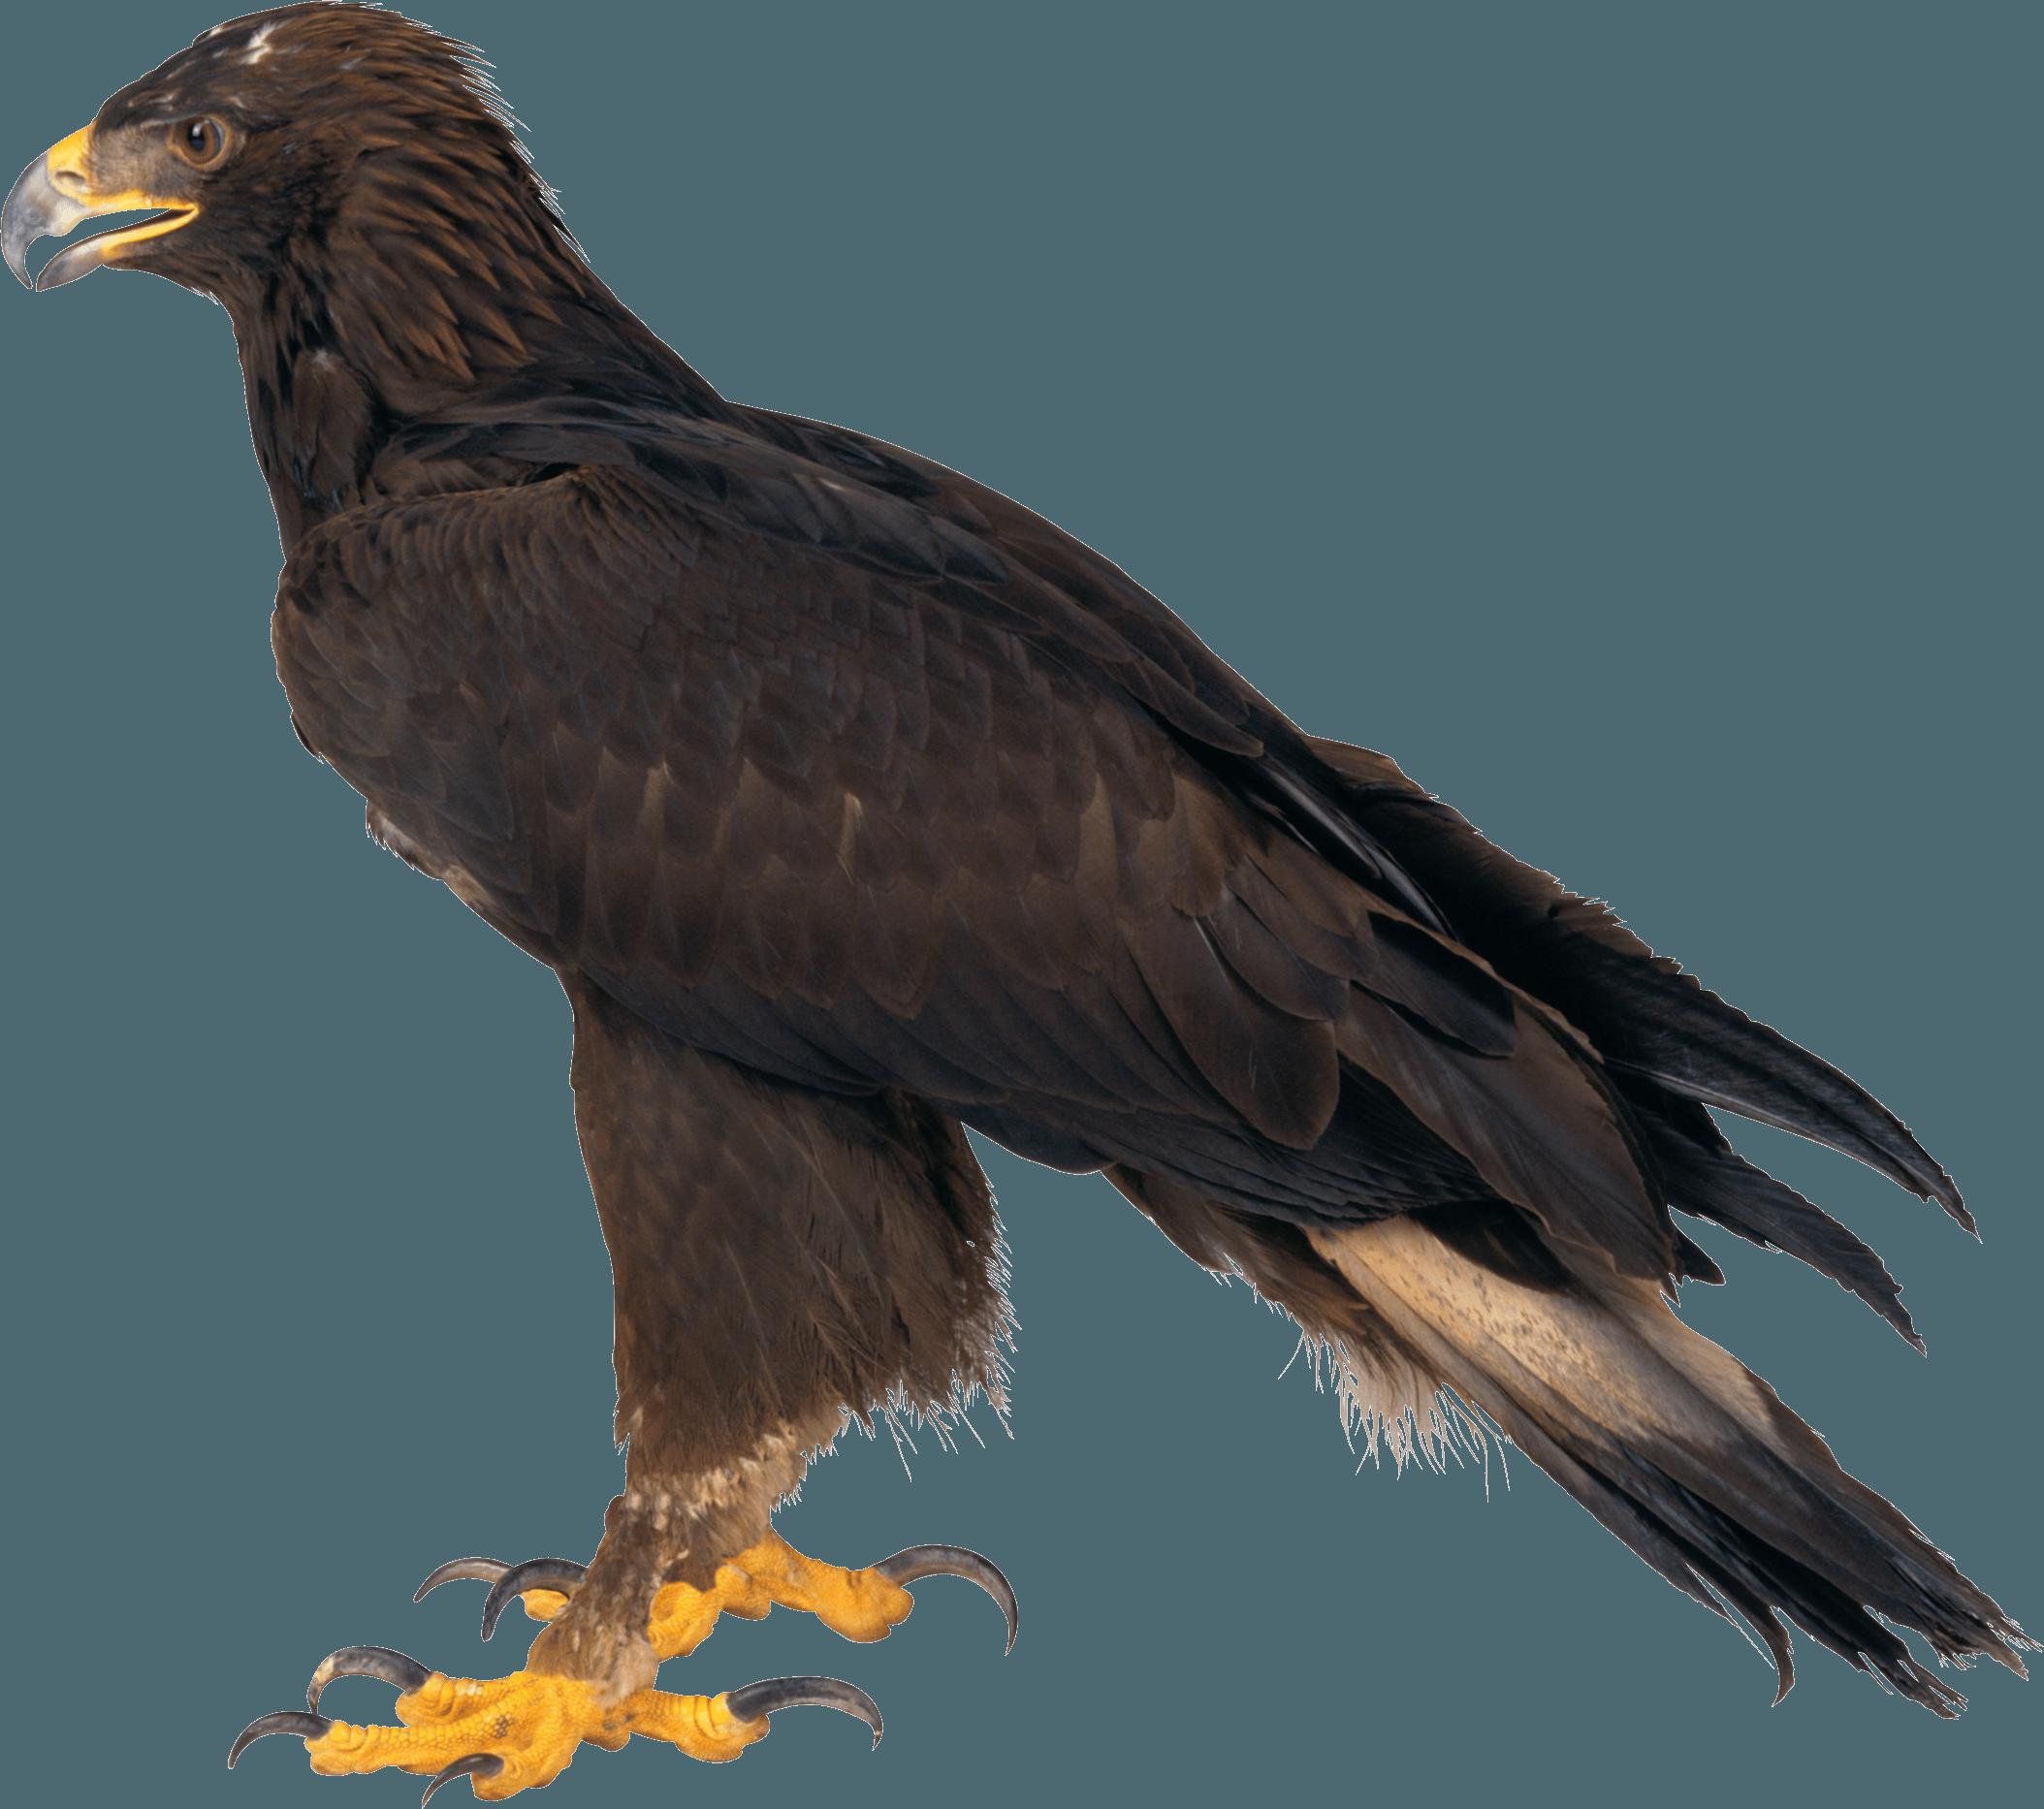 Download Eagle Png Image Download HQ PNG Image | FreePNGImg